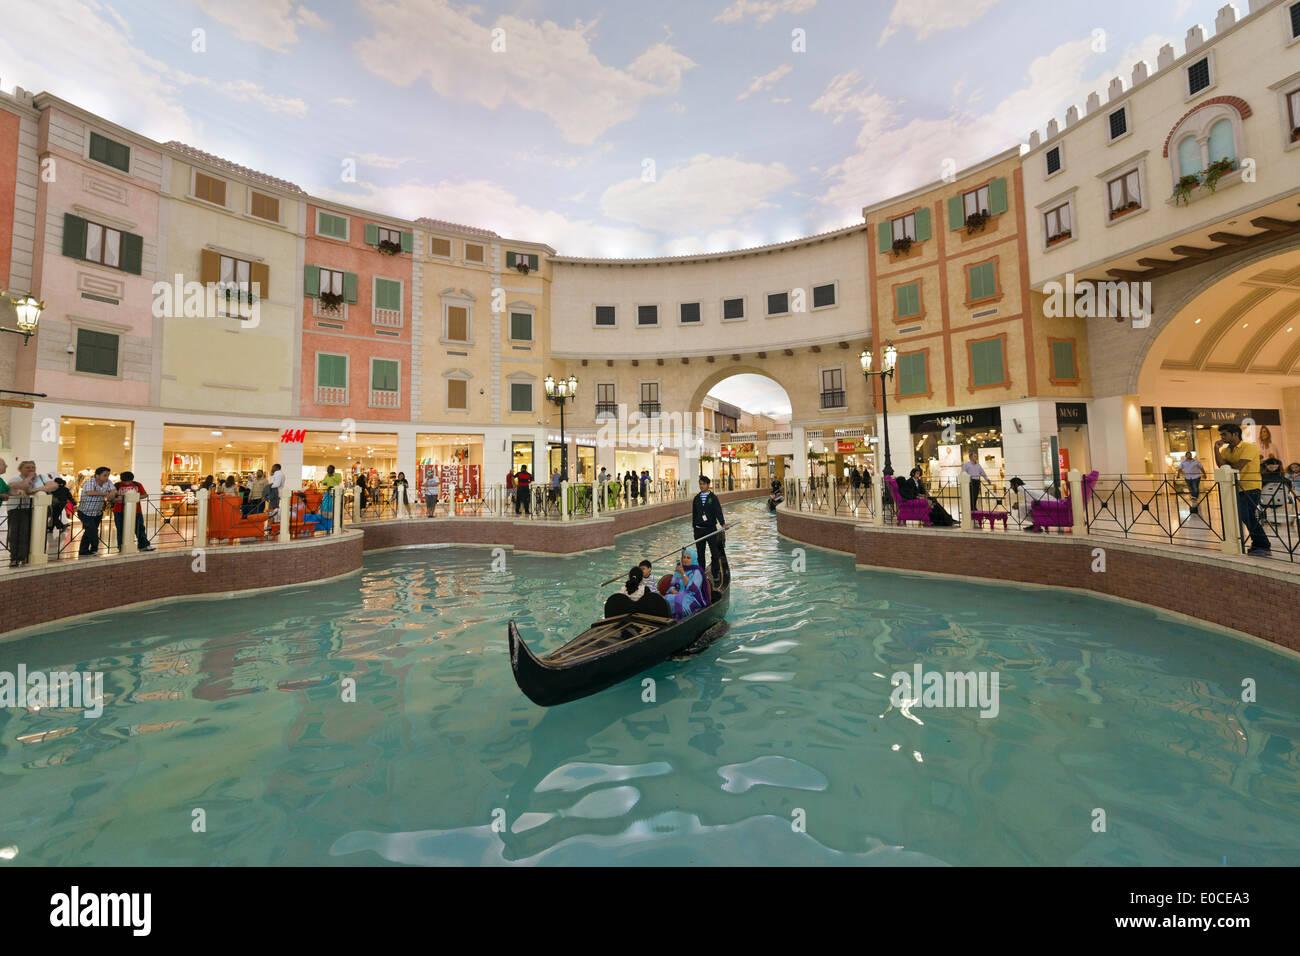 Doha. Qatar. Villaggio shopping mall. Imagen De Stock